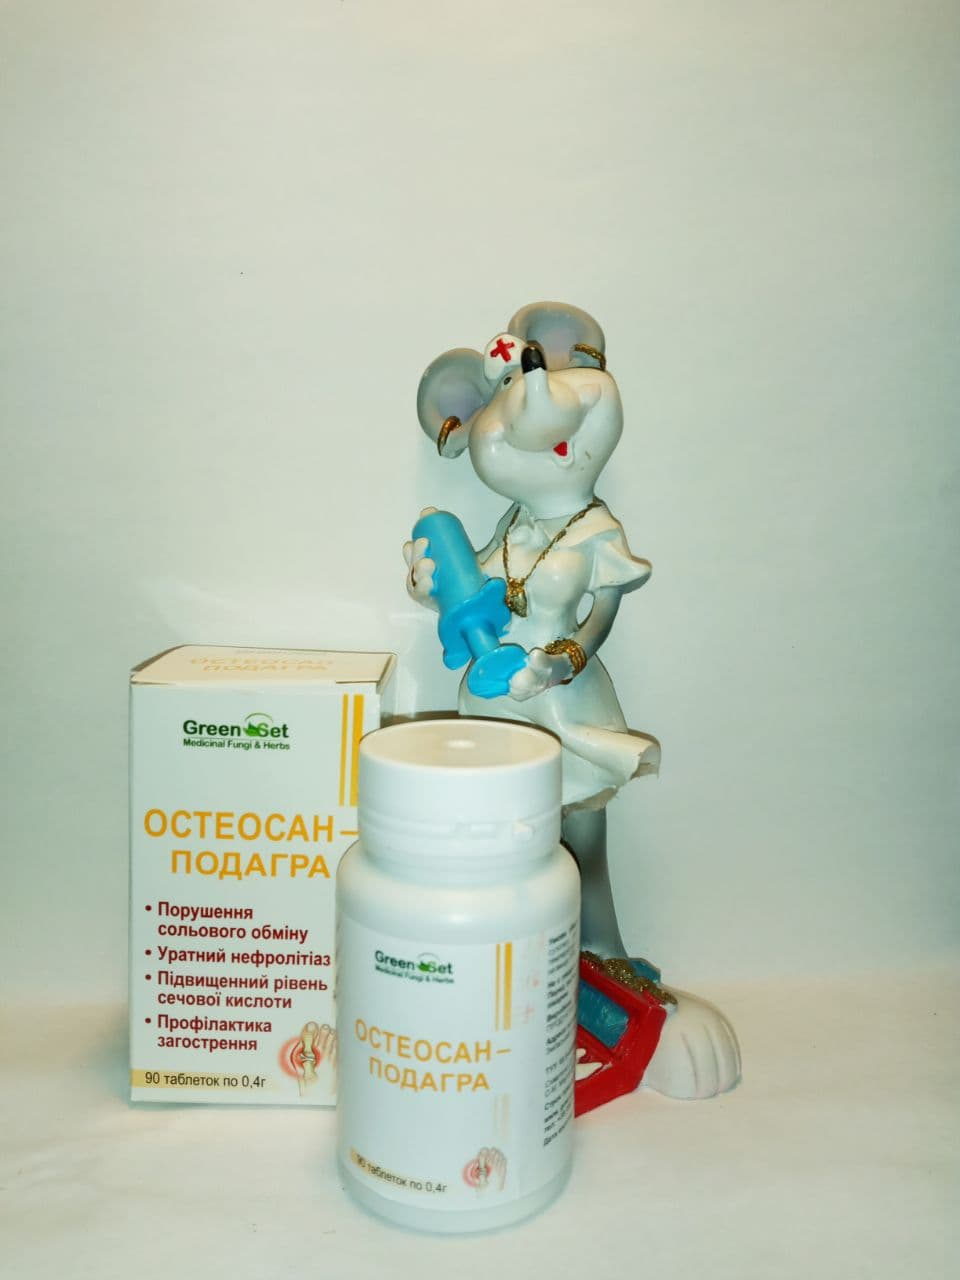 Остеосан-Подагра при нарушении водно-солевого обмена, при подагре, ревматоидном артрите, нарушении жирового обмена, почечно-каменной болезни, ожирении